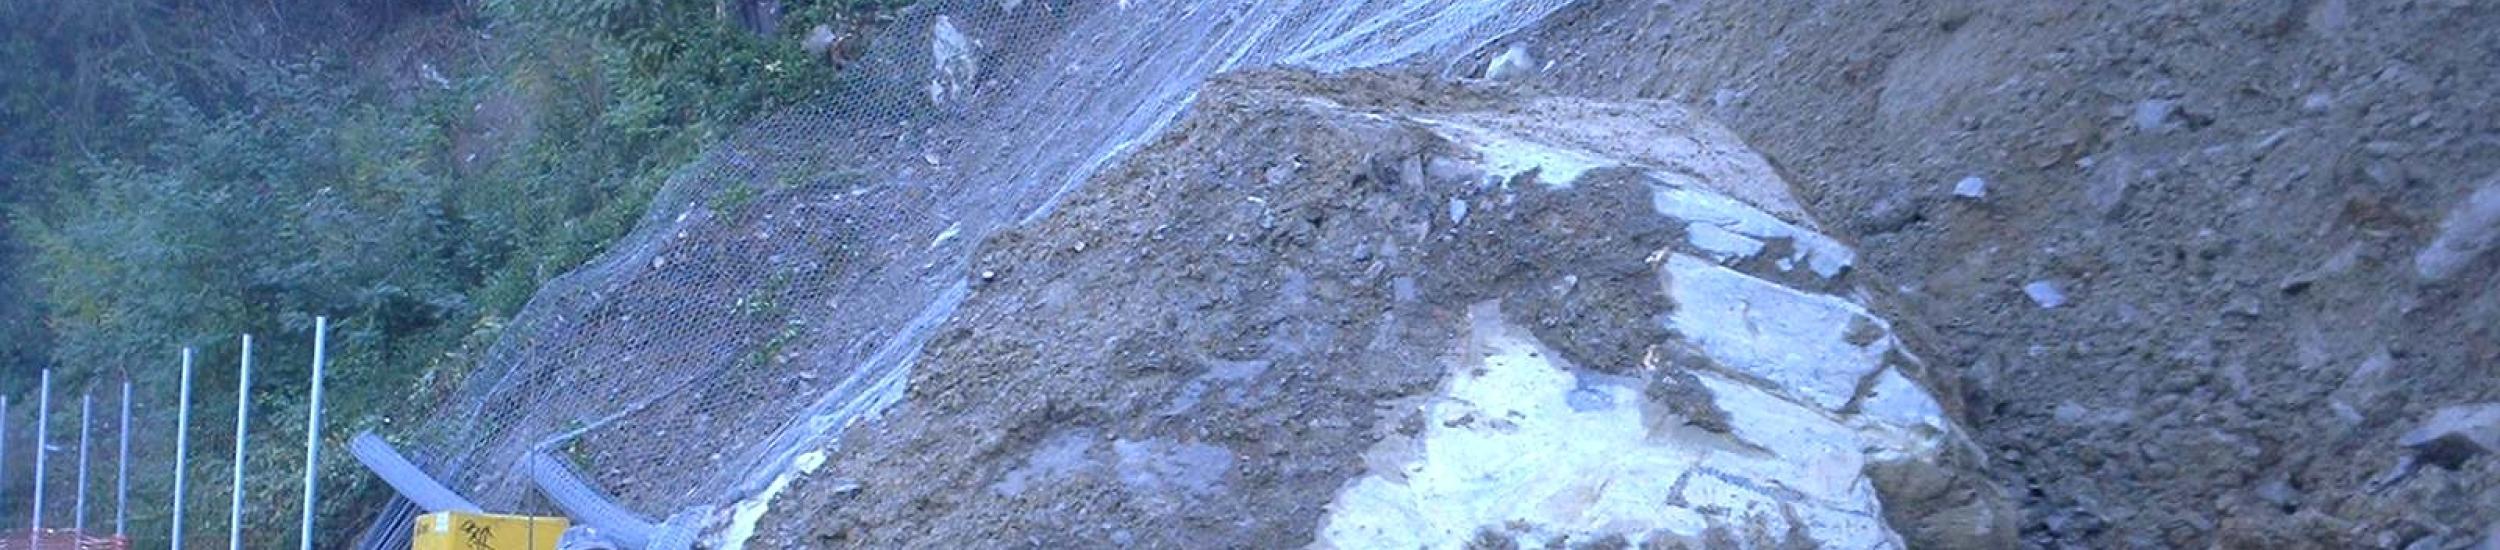 News: Frana di carasco, per riaprire la provinciale 586 si lavora anche di notte